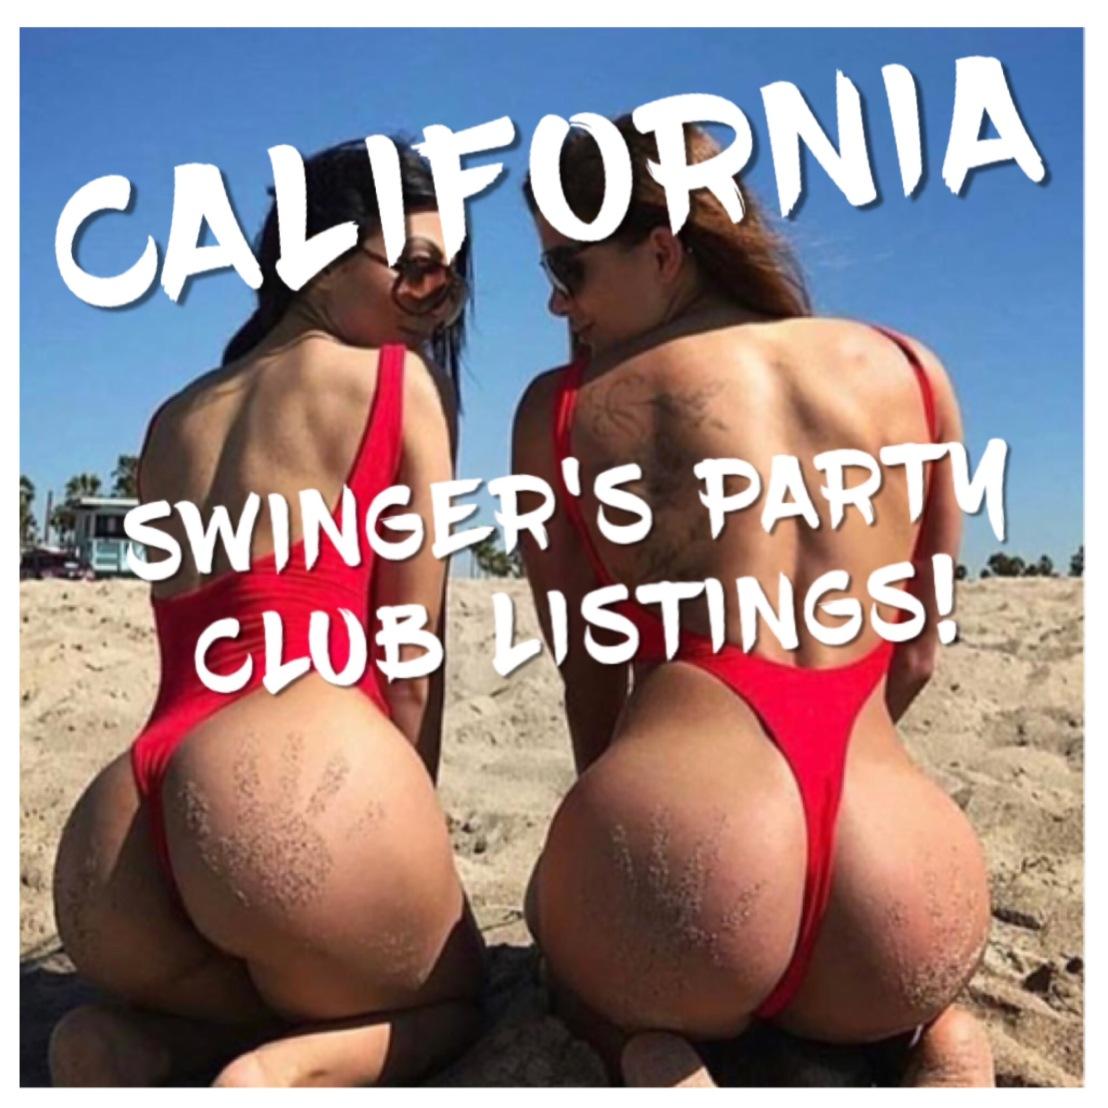 California Swinger Club Locations